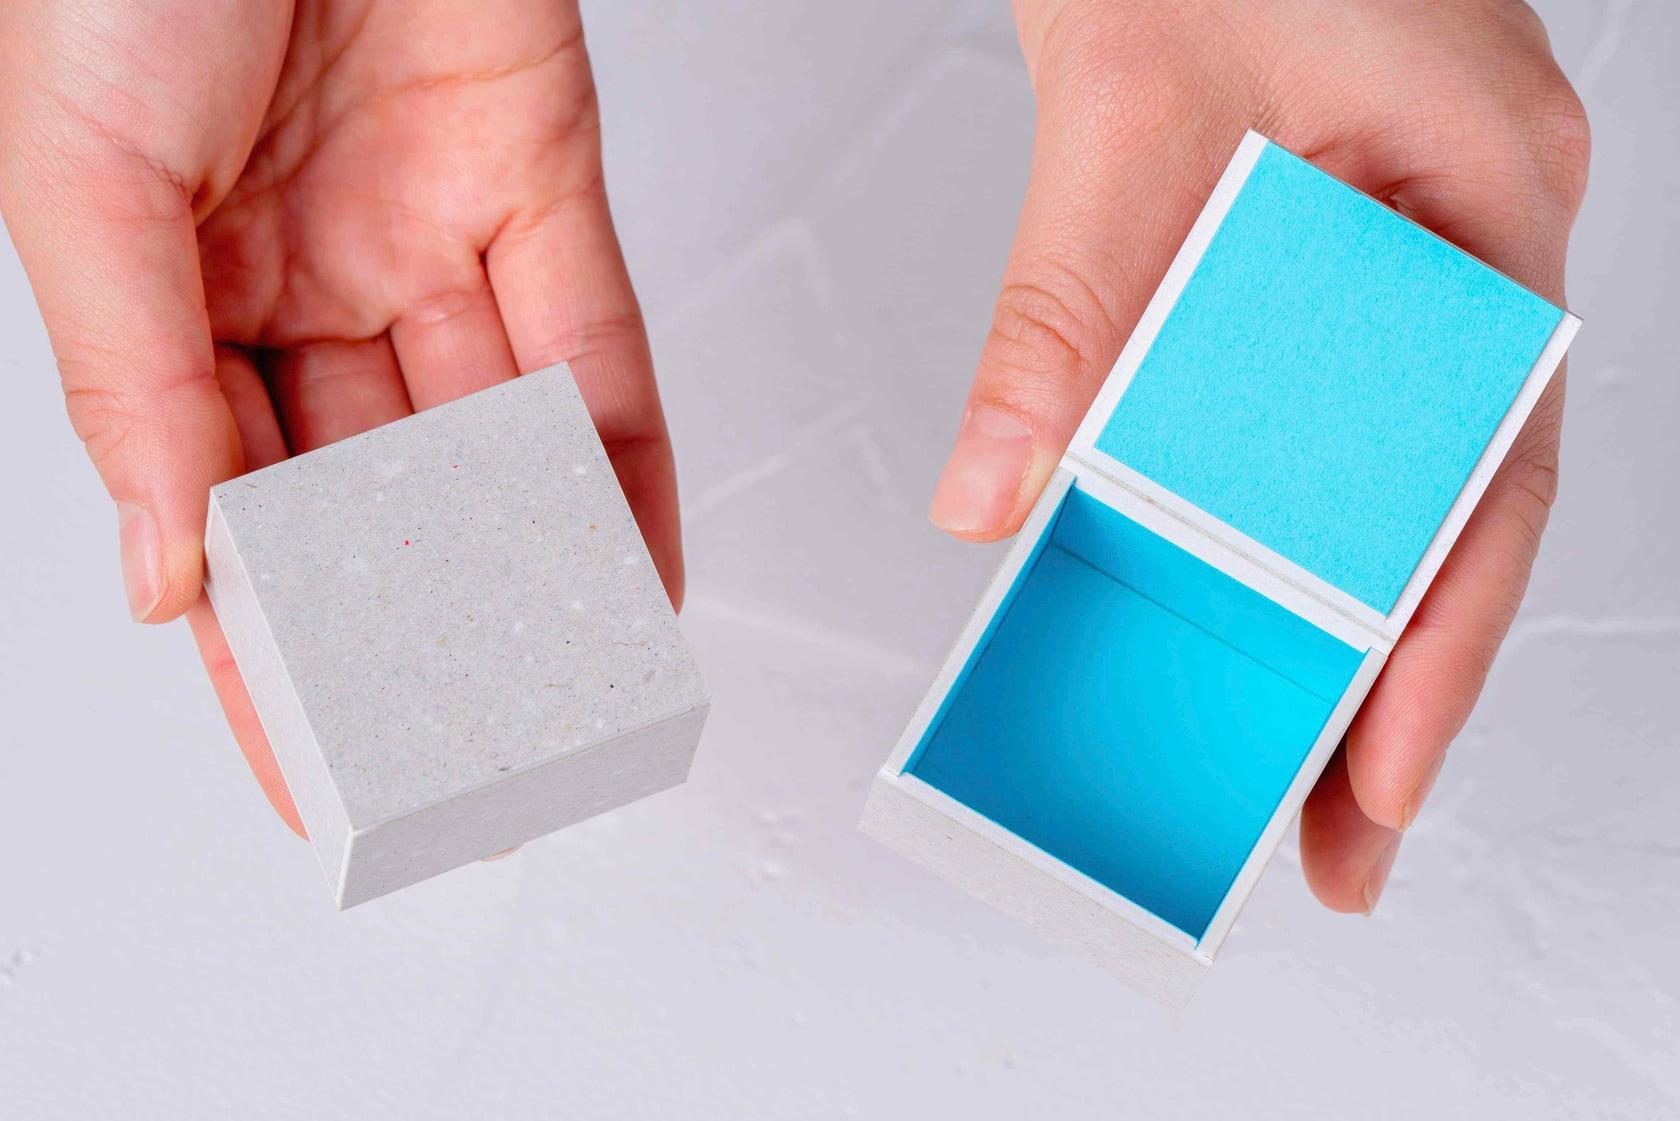 モリタのミニマムスペースボックス3を両手で持つ,手のひらに収まるサイズの小さな紙箱